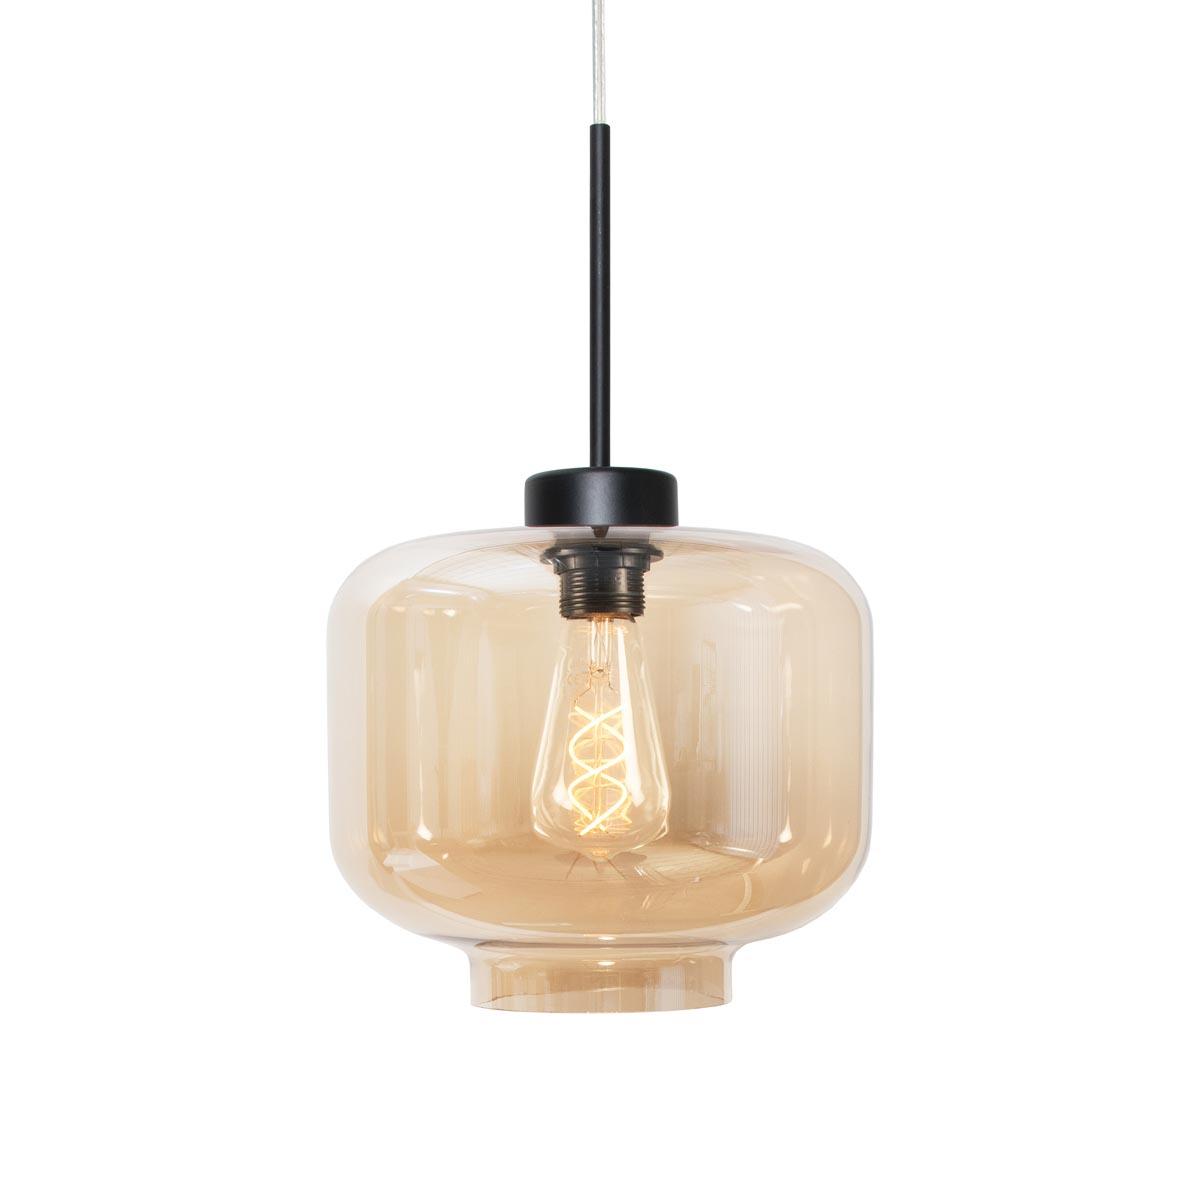 Ritz-pendel-amber-673554